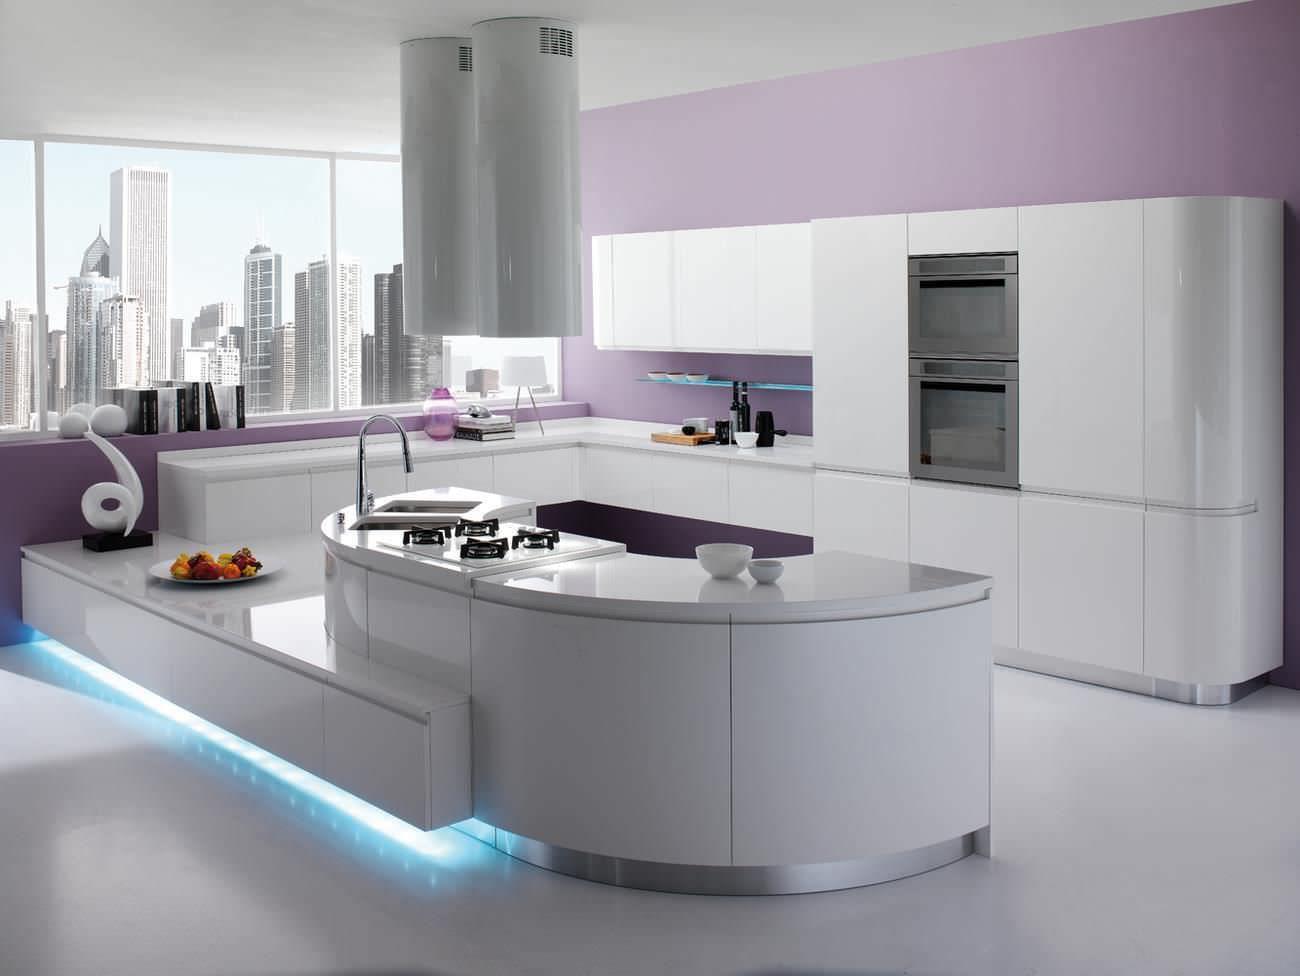 cuisine contemporaine en bois avec lot laqu e. Black Bedroom Furniture Sets. Home Design Ideas